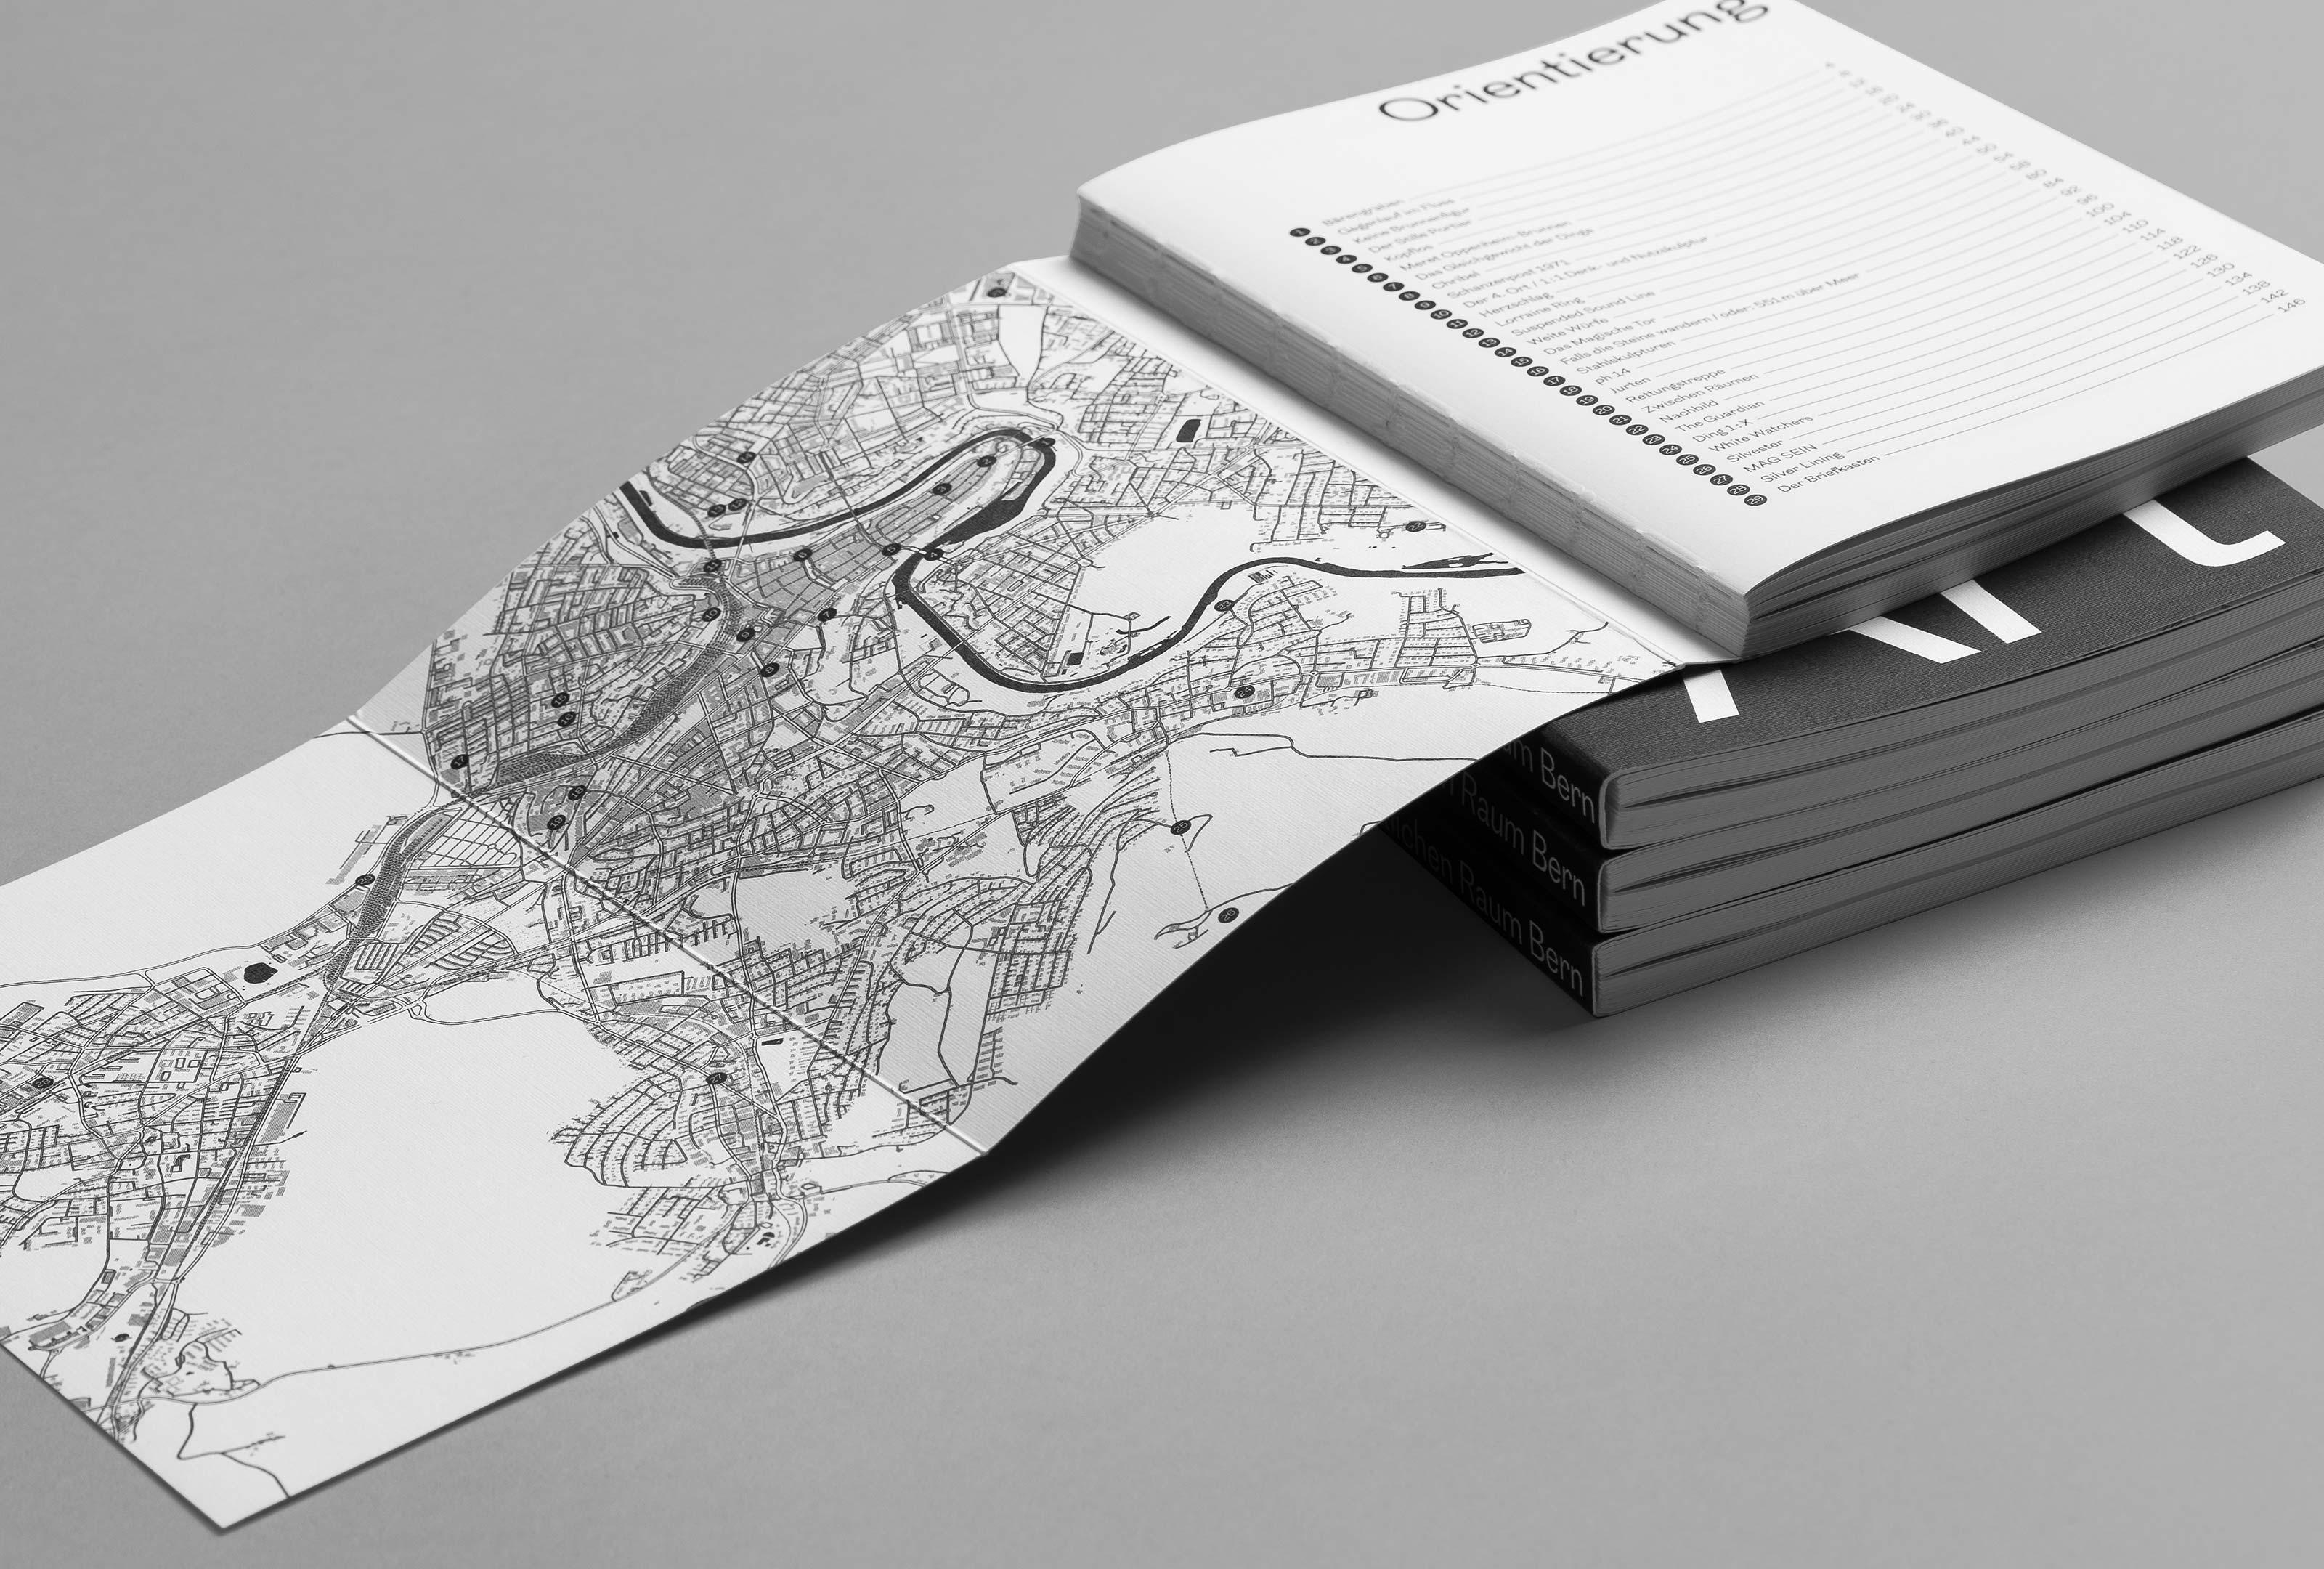 bePArt – Kunst im öffentlichen Raum Bern, stack open ©Atelier Pol × Barbara Hess